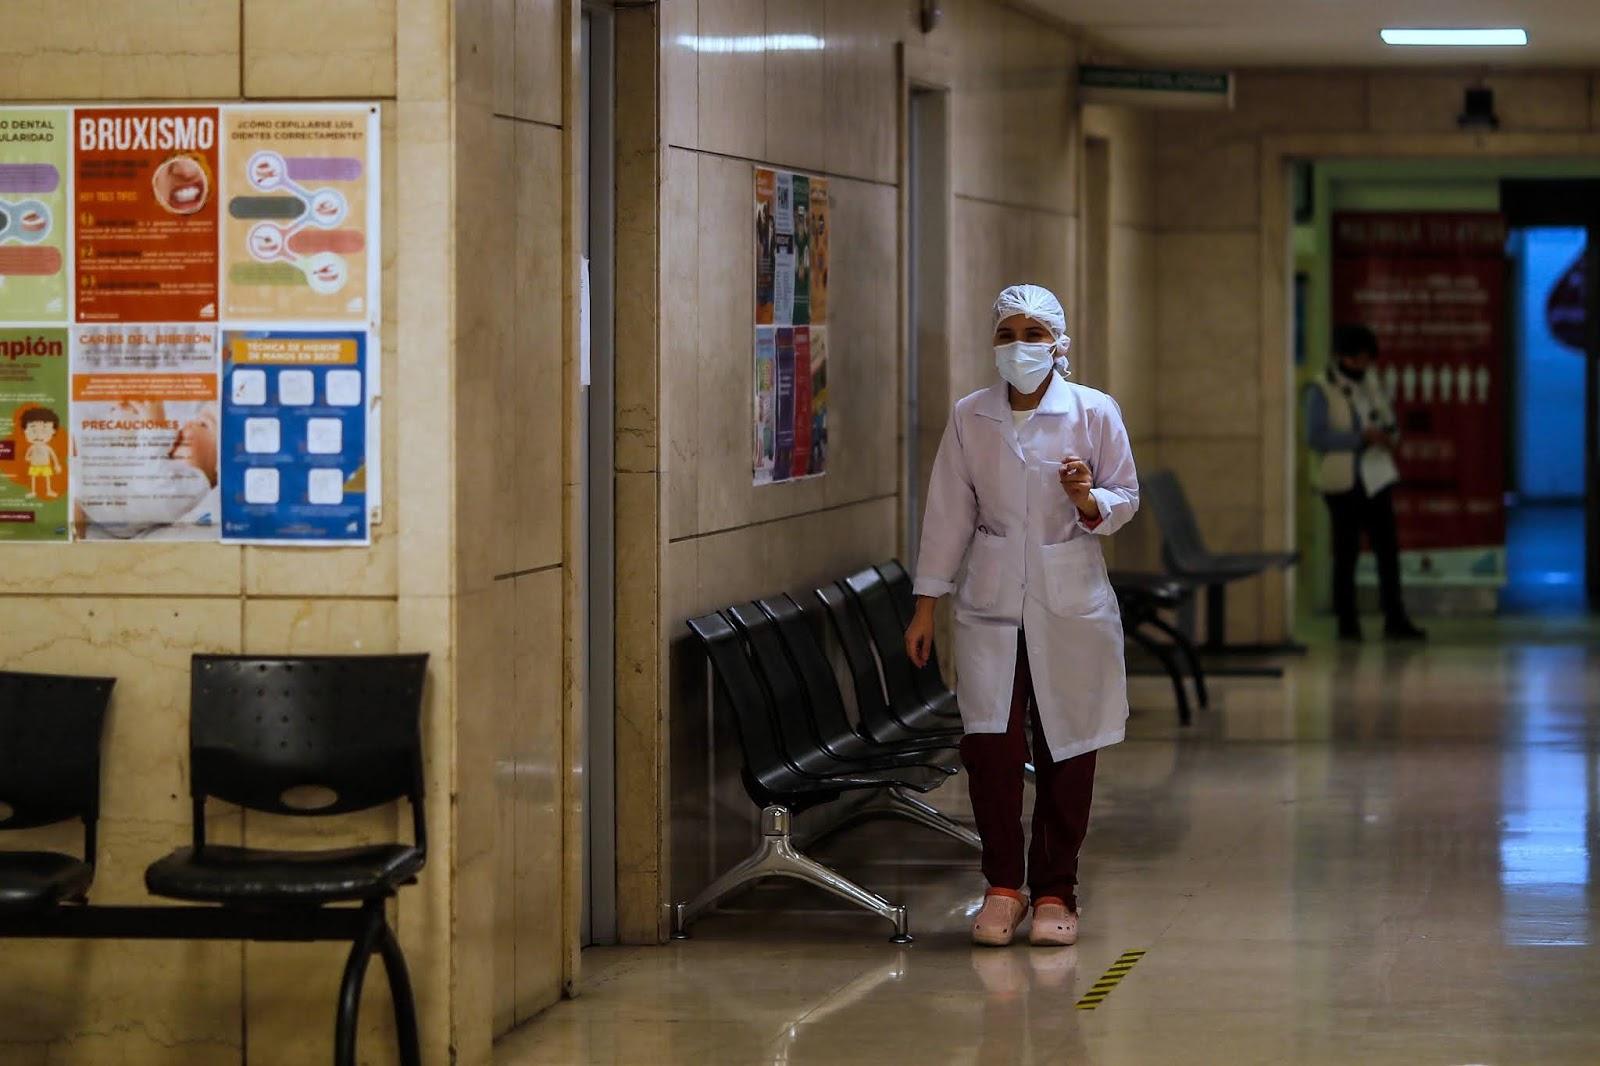 Coronavirus en Argentina: Confirmaron 86 muertos y 4.815 nuevos contagios de COVID-19 en las últimas 24 horas